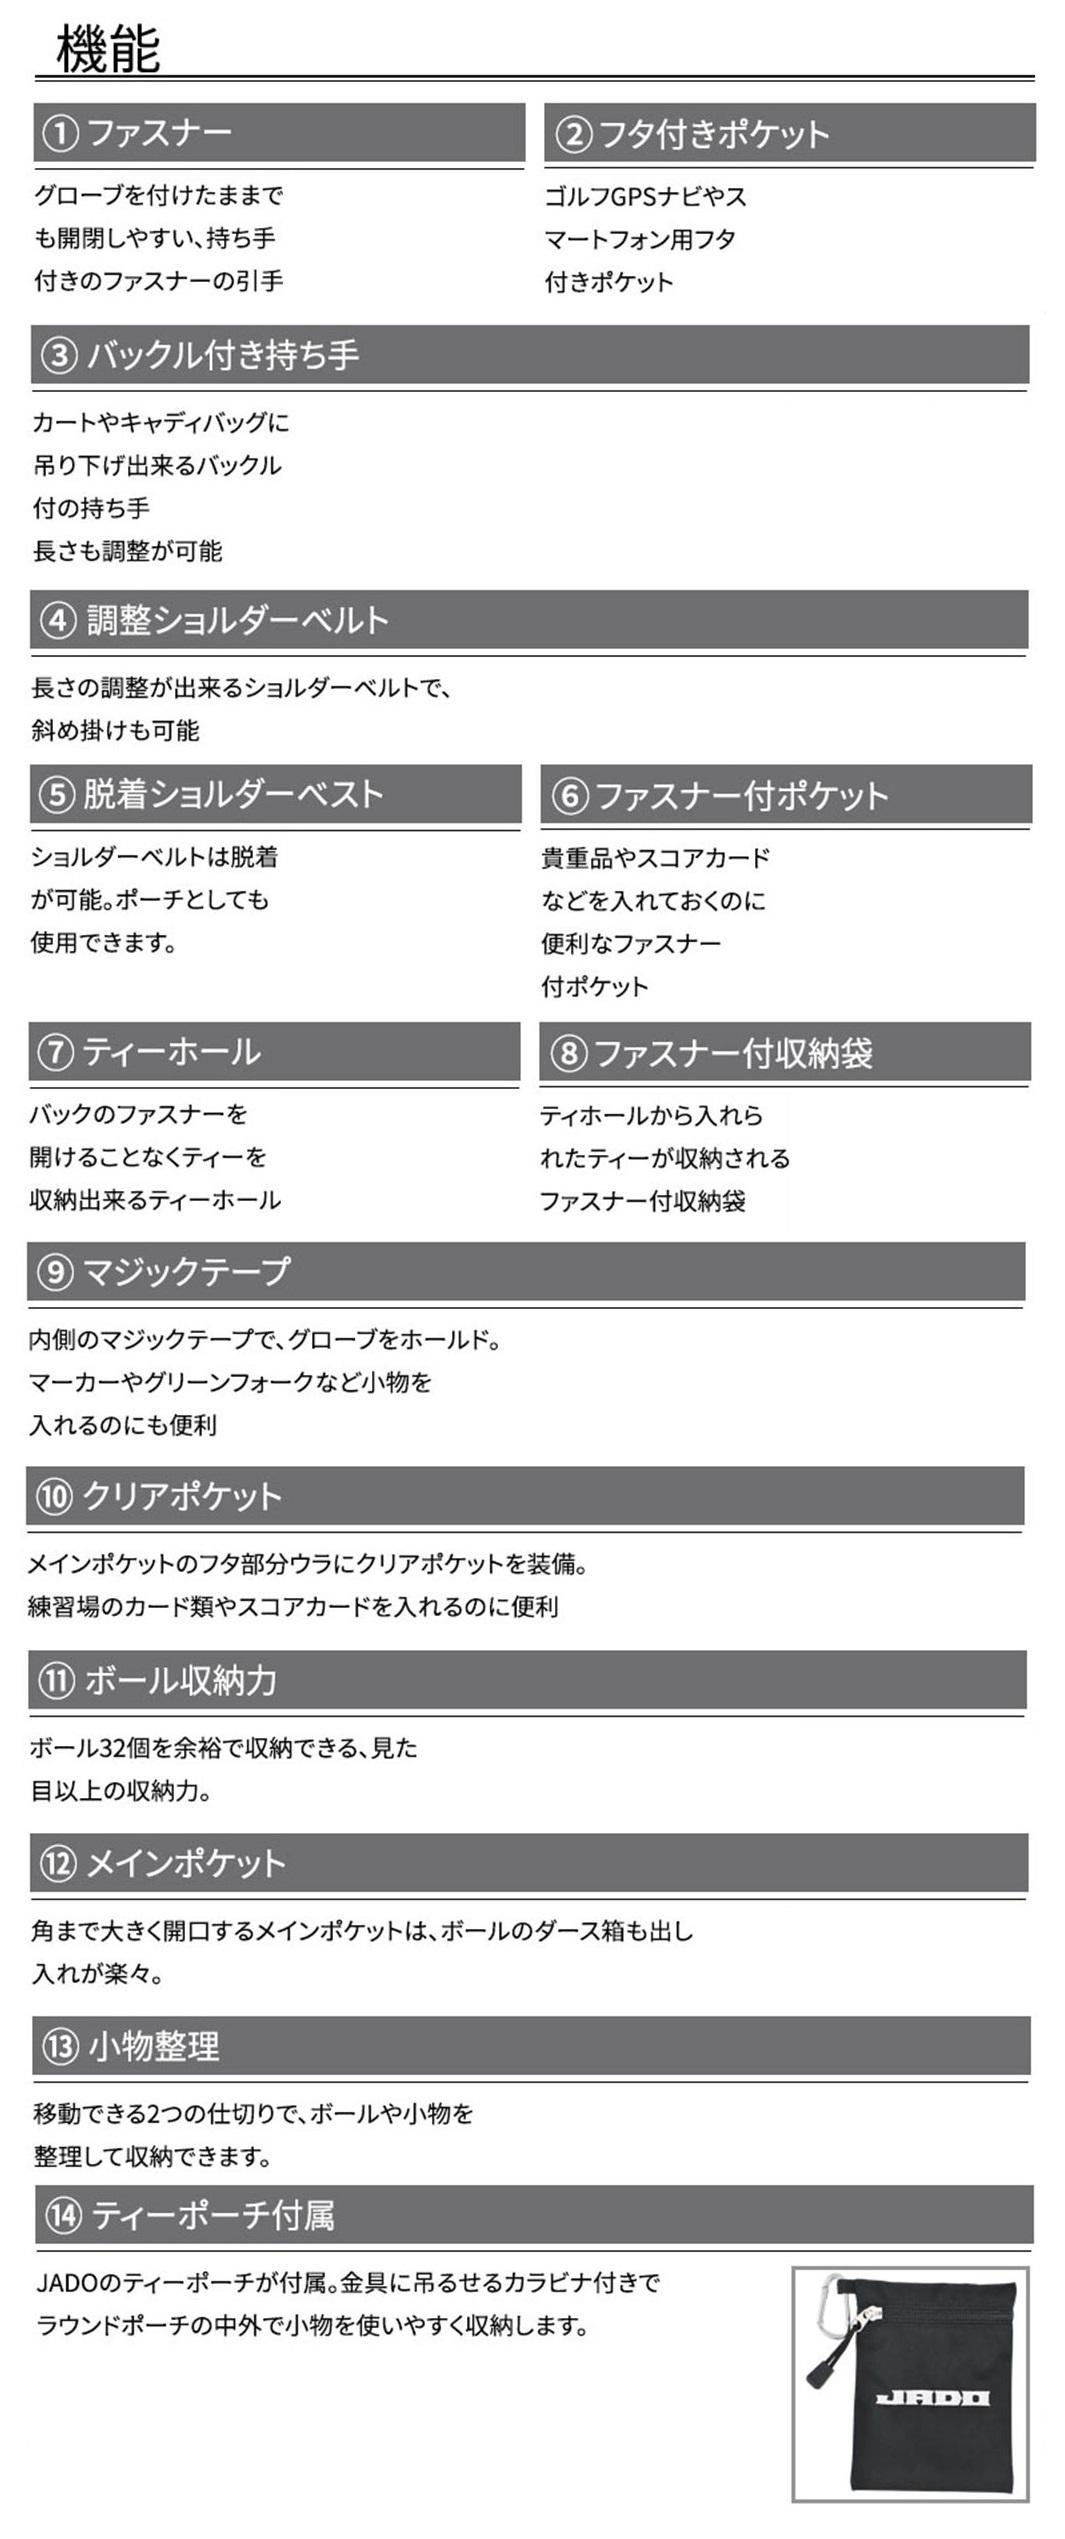 14の機能を持ち備えたラウンドポーチ2016年5月頃発売予定